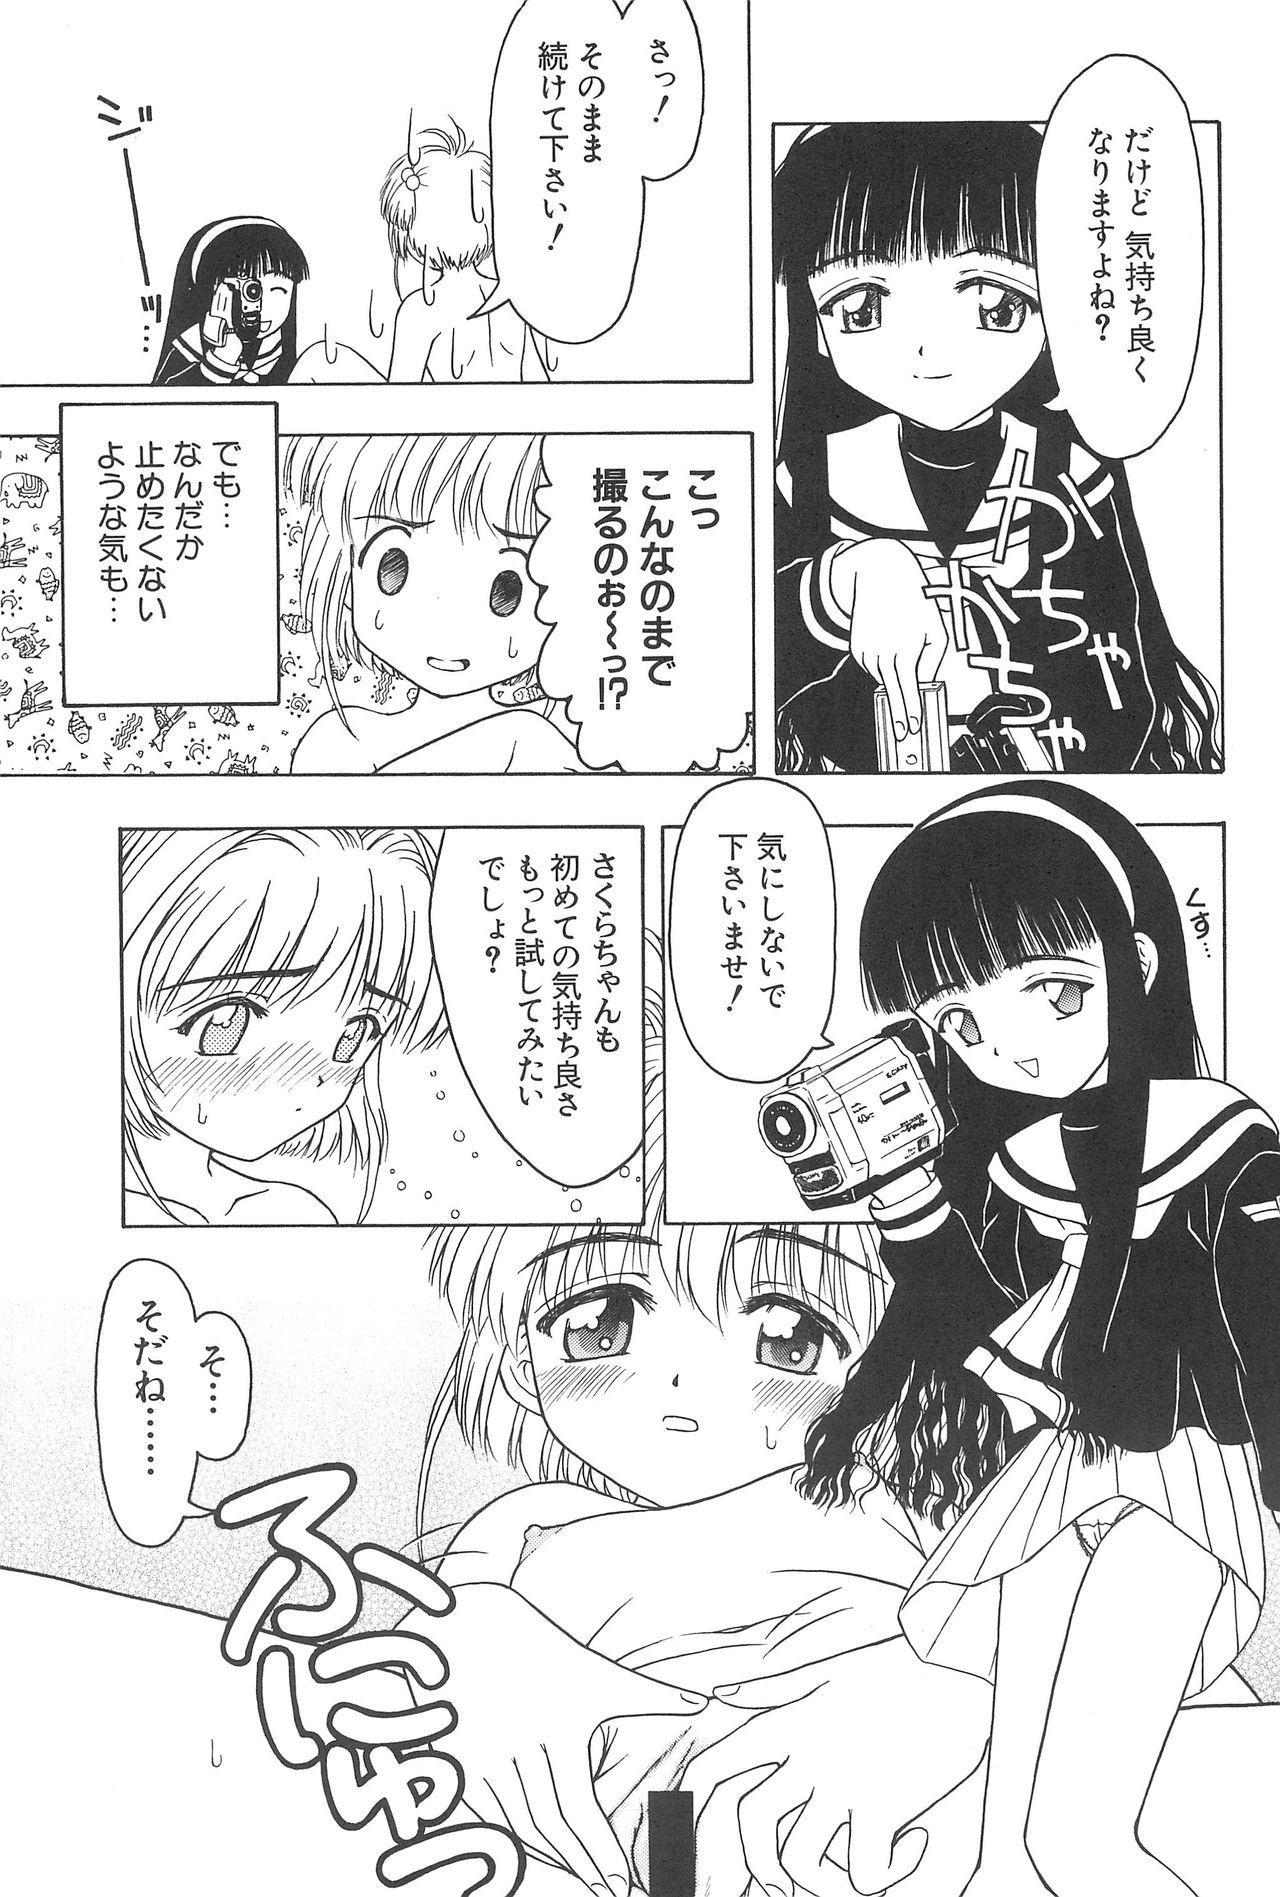 Sakura to Tomoyo ALL OF INTERCOURSE Jou 9